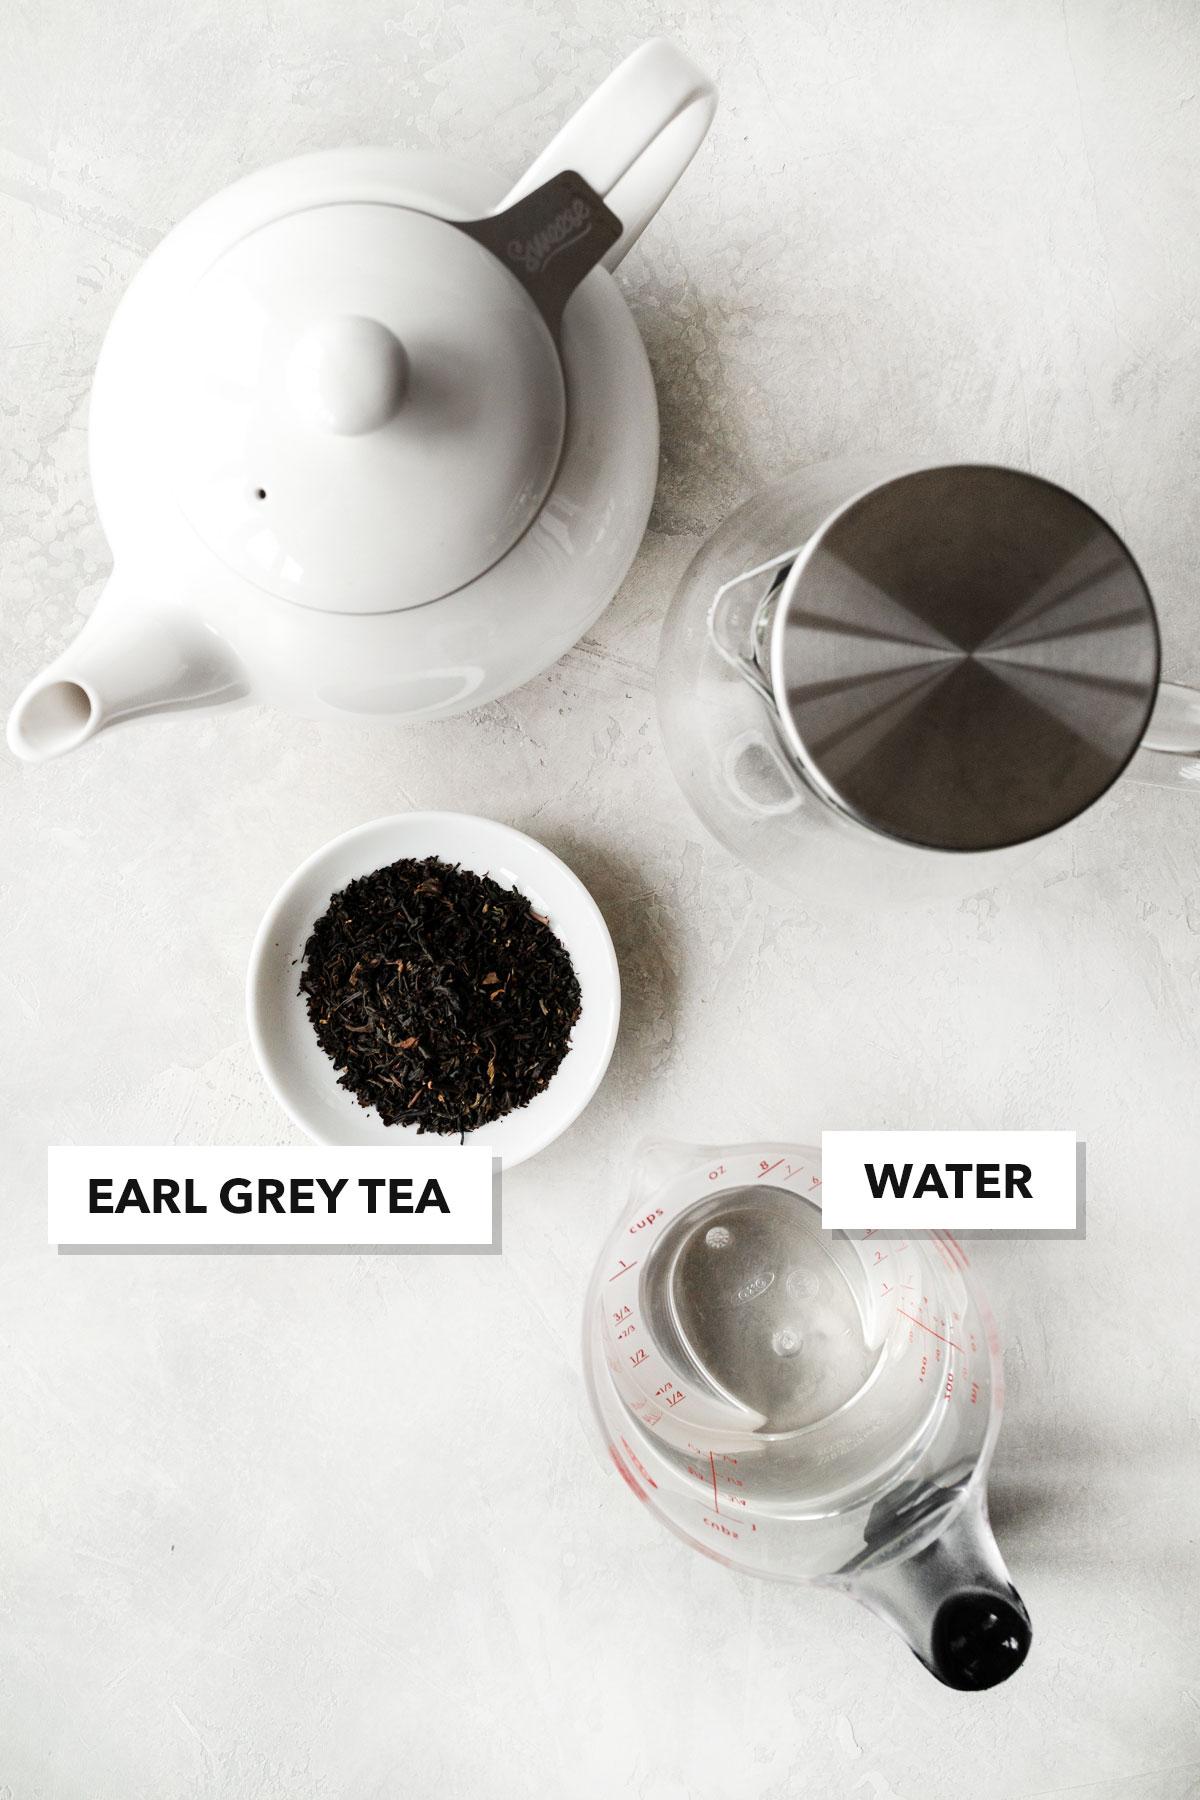 Earl Grey tea ingredients.